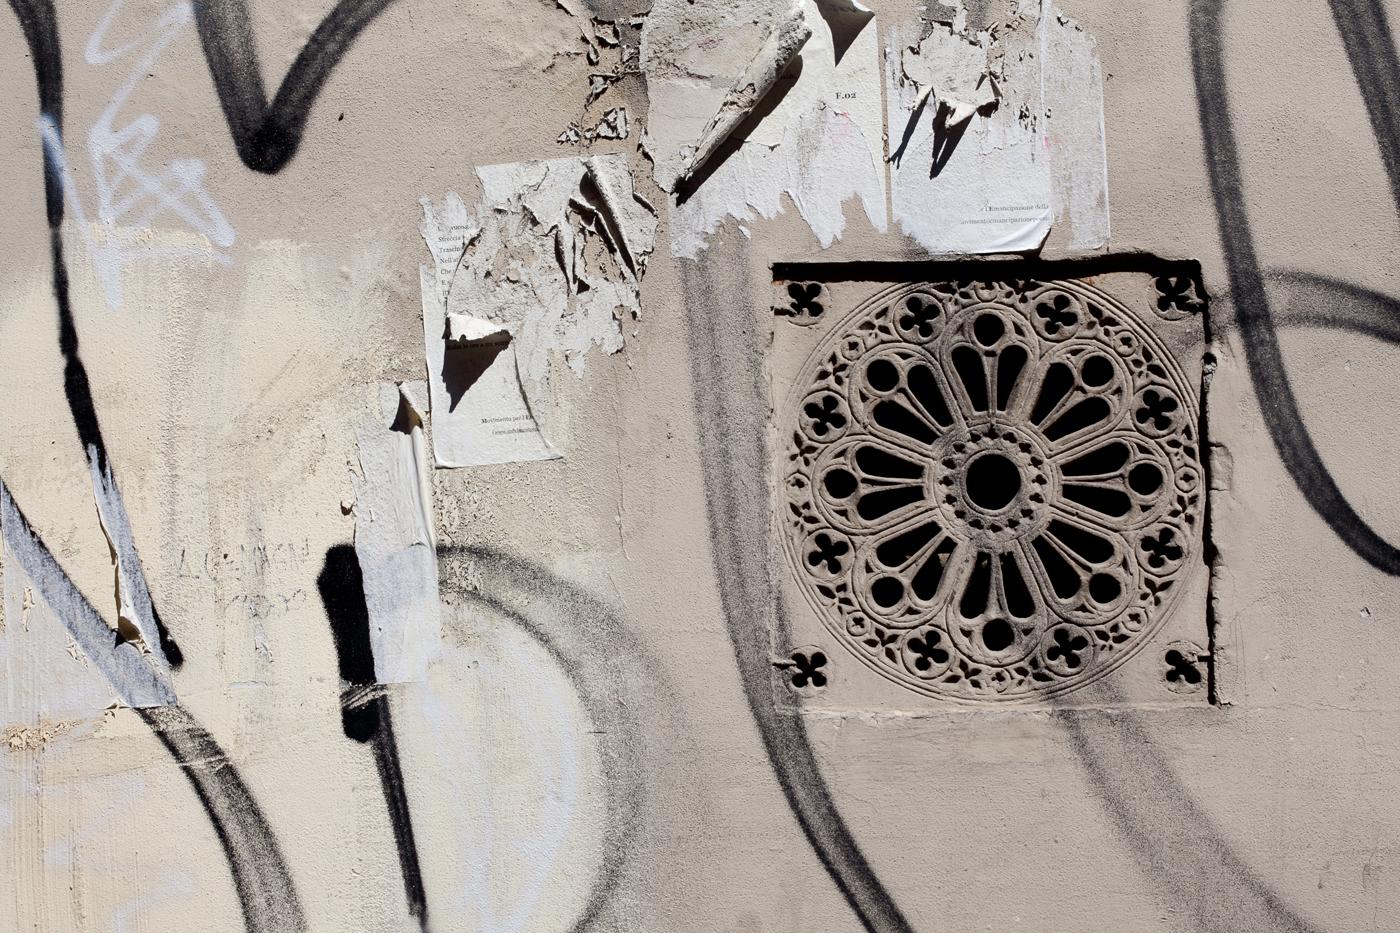 rwood_2013prints015.jpg